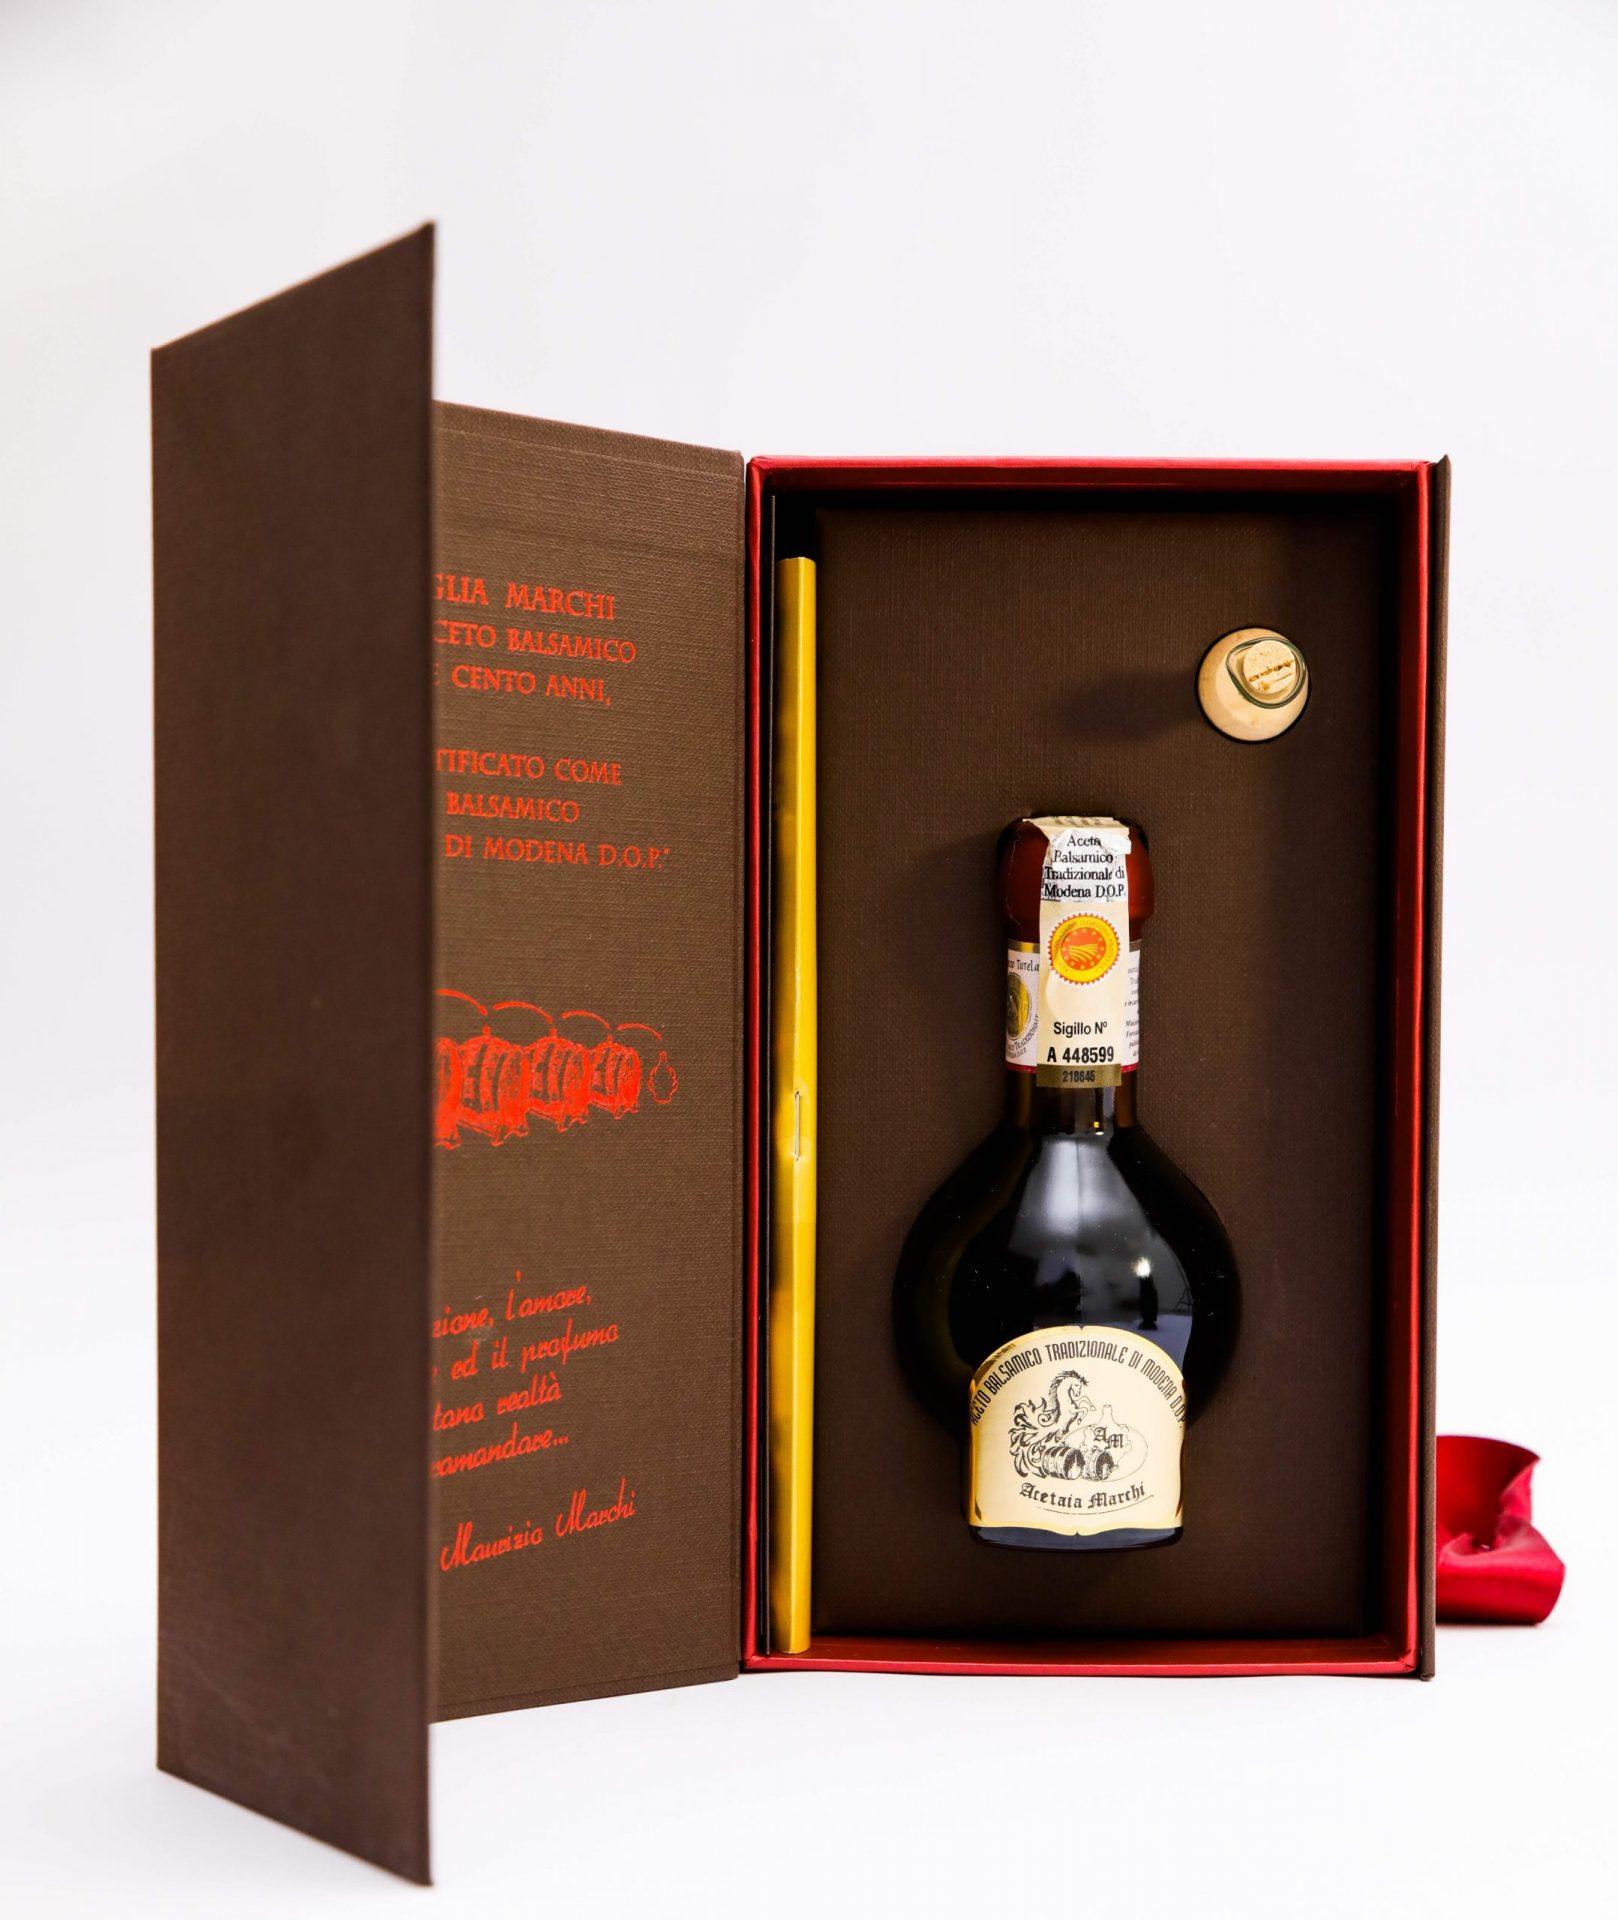 scatola con natro bottiglia Aceto Balsamico Tradizionale di Modena D.O.P